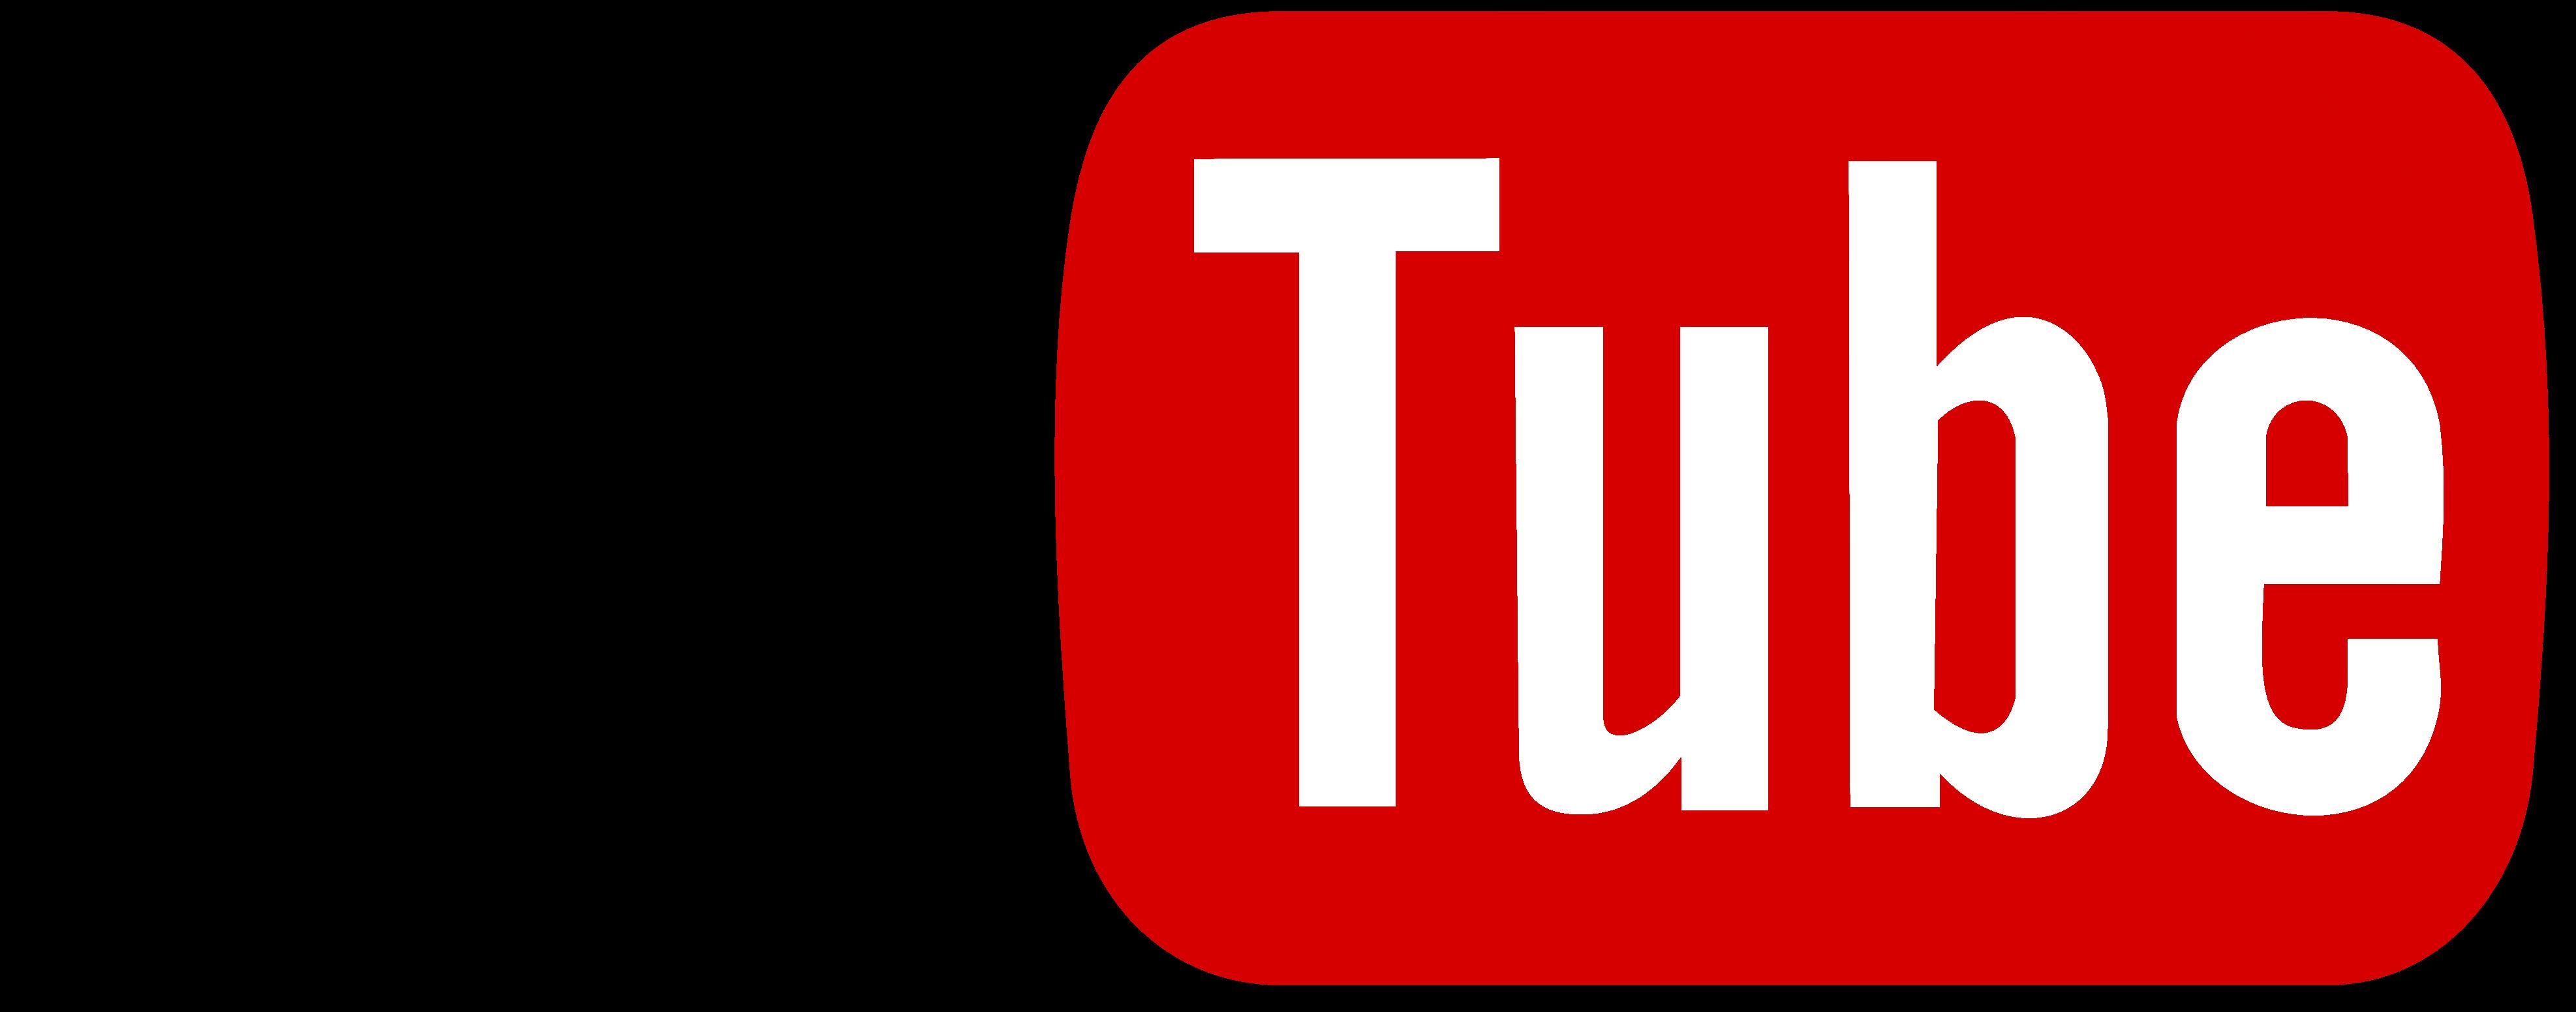 YouTube сегодня исполнилось 10 лет. - Изображение 1